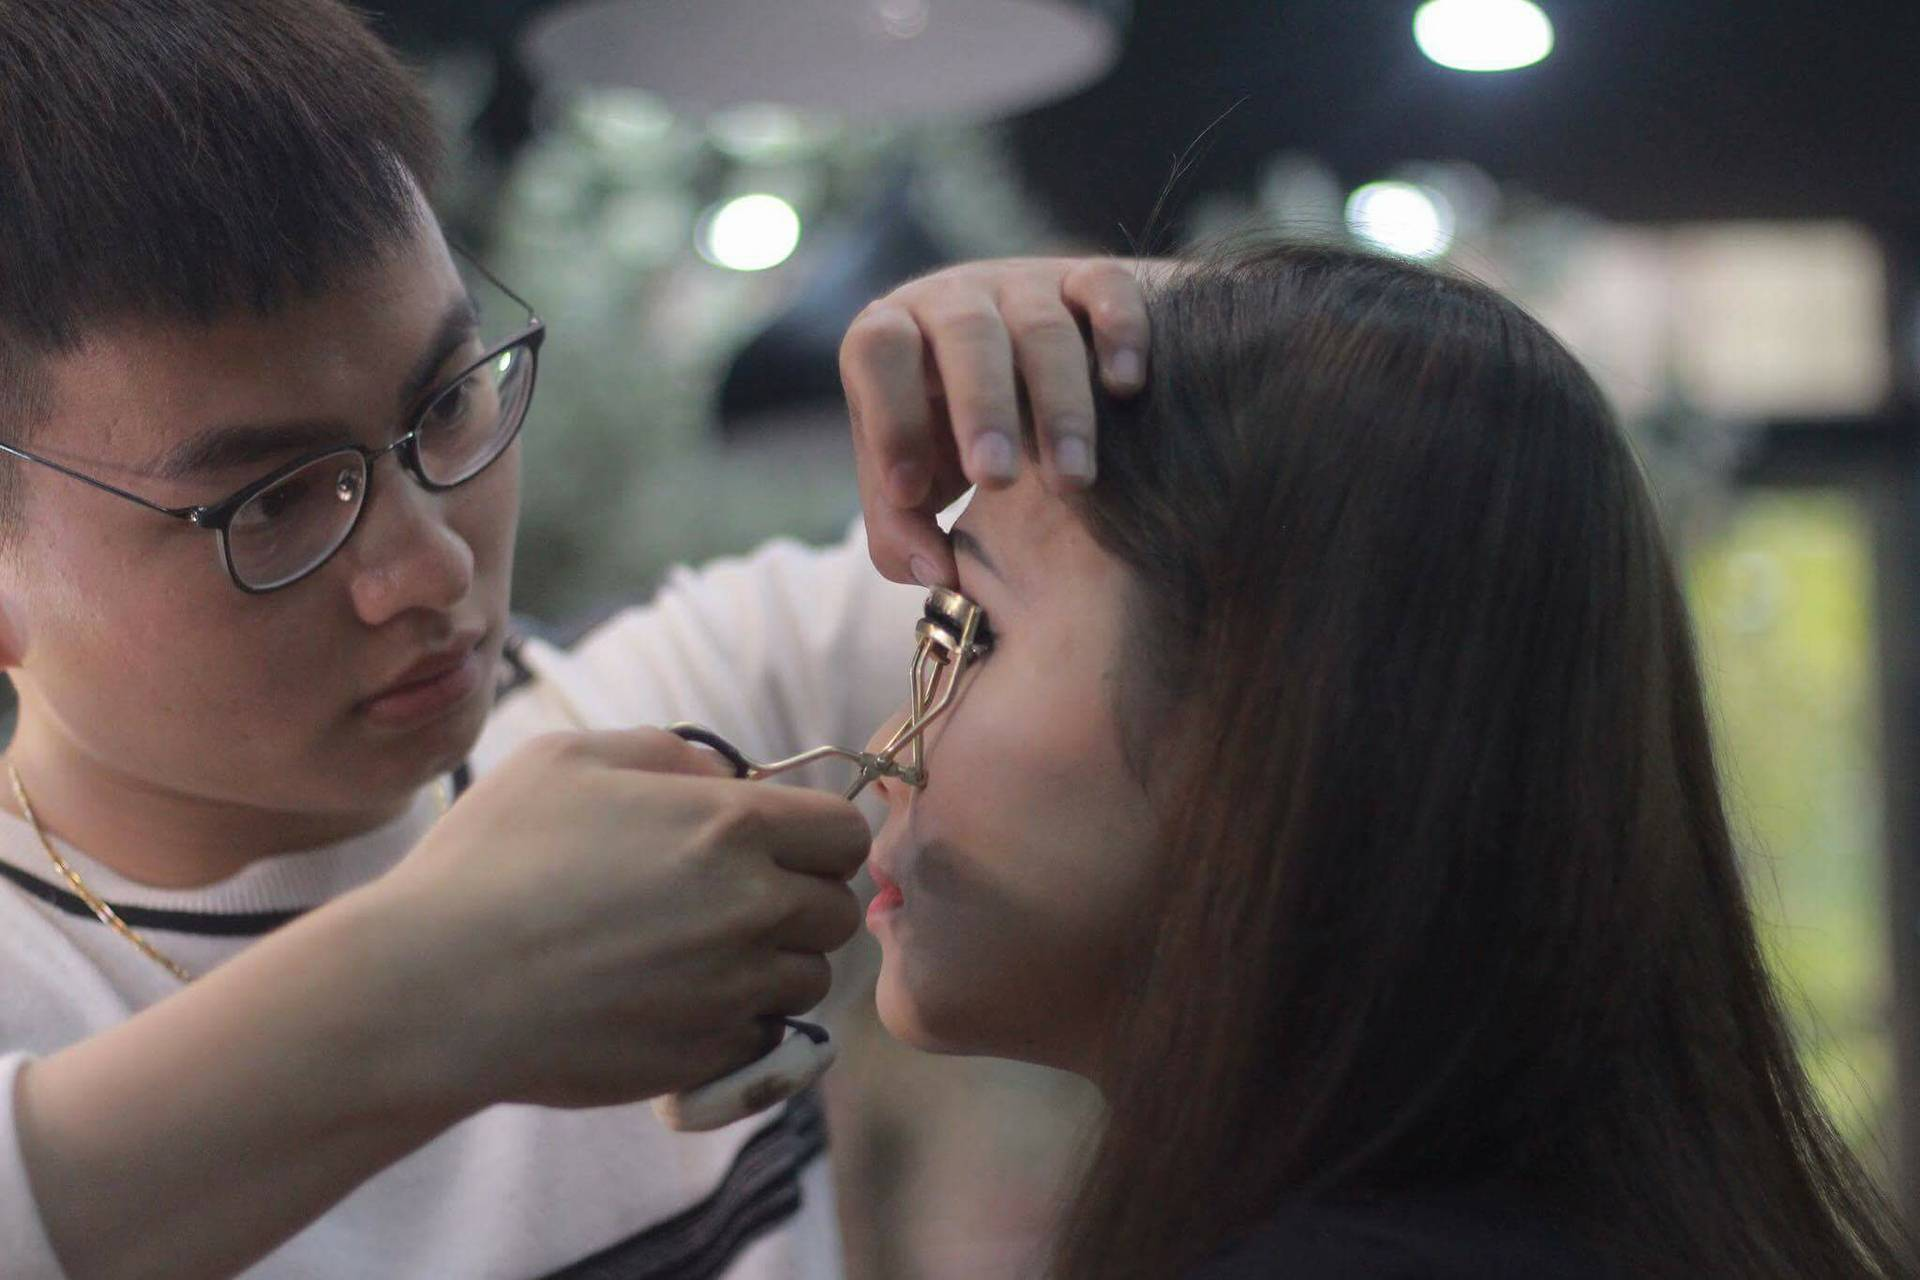 Mùa kỉ yếu: Thu nhập gần 100 triệu đồng/tháng nhờ cho thuê trang phục và makeup